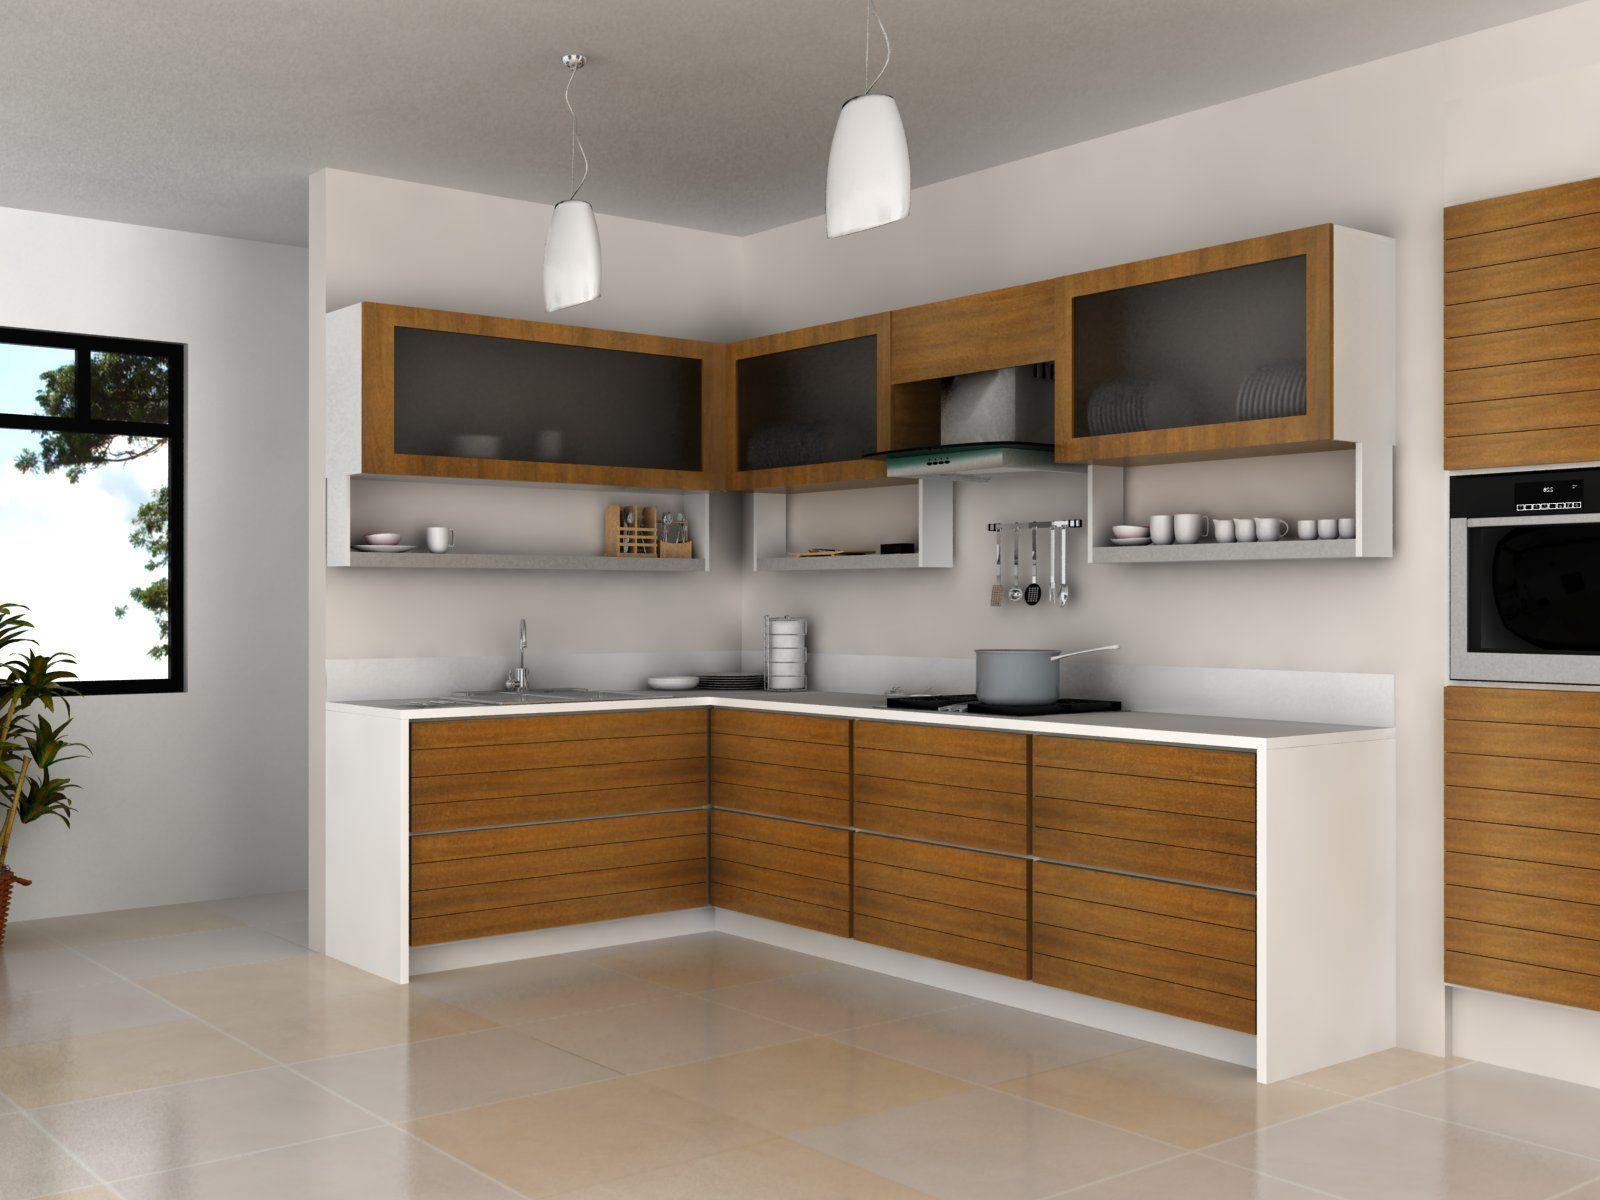 cocinas integrales | Colores de habitaciones | Pinterest | Cocinas ...